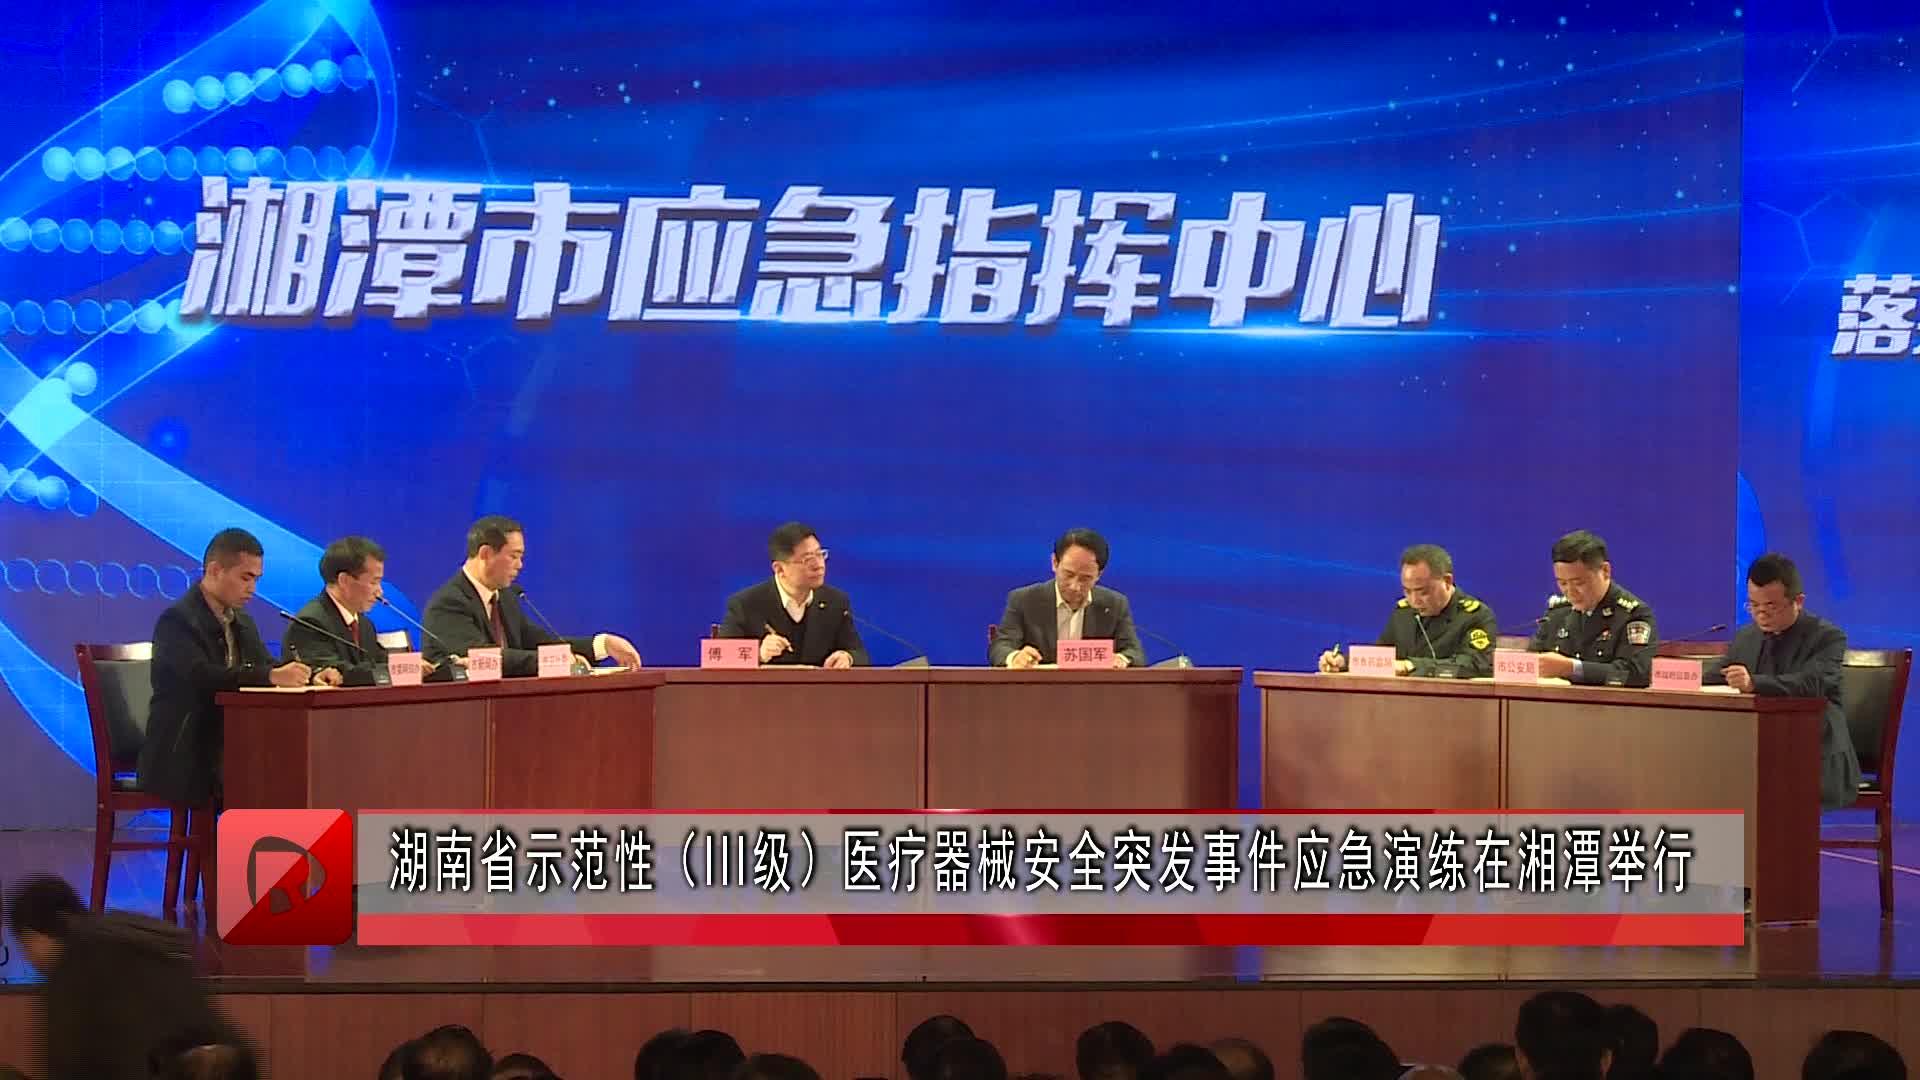 湖南省示范性(Ⅲ级)医疗器械安全突发事件应急演练在湘潭成功举办